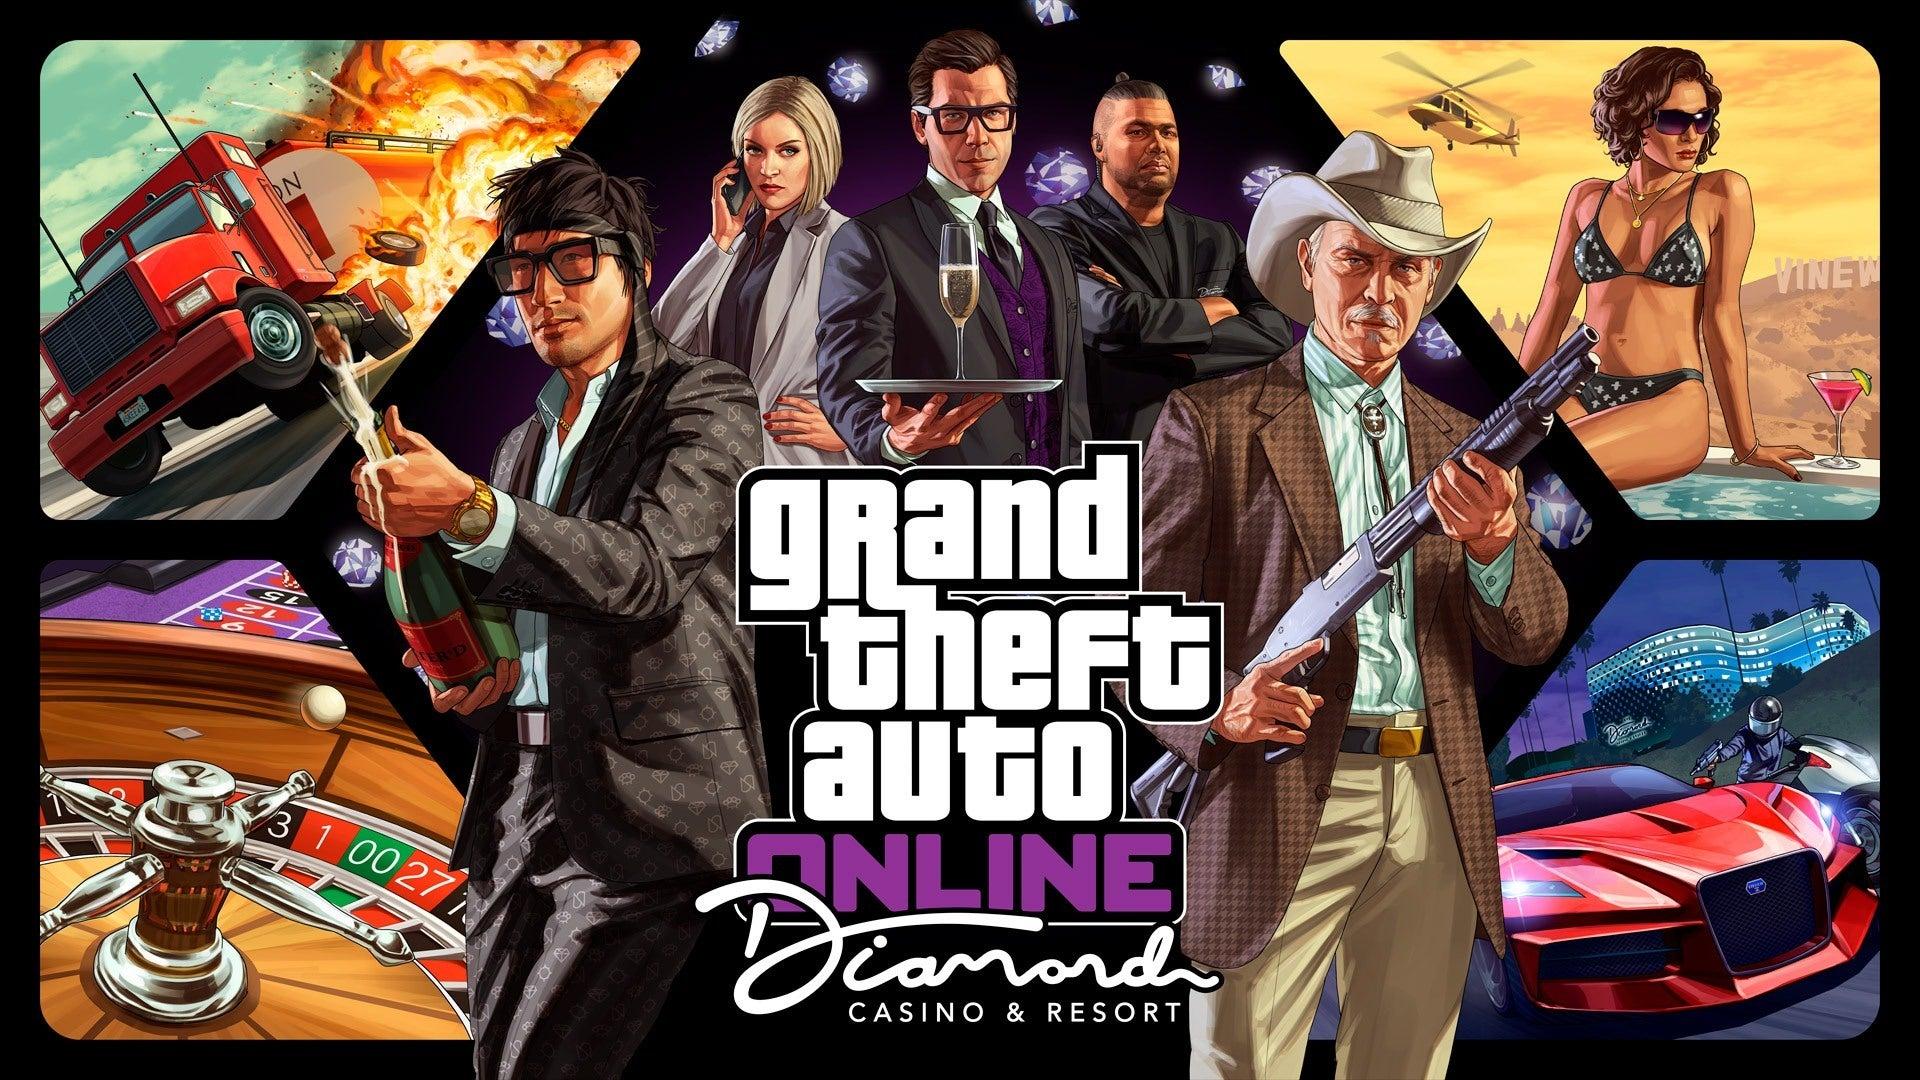 gta-online-diamond-casino-and-resort_3ng7.jpg